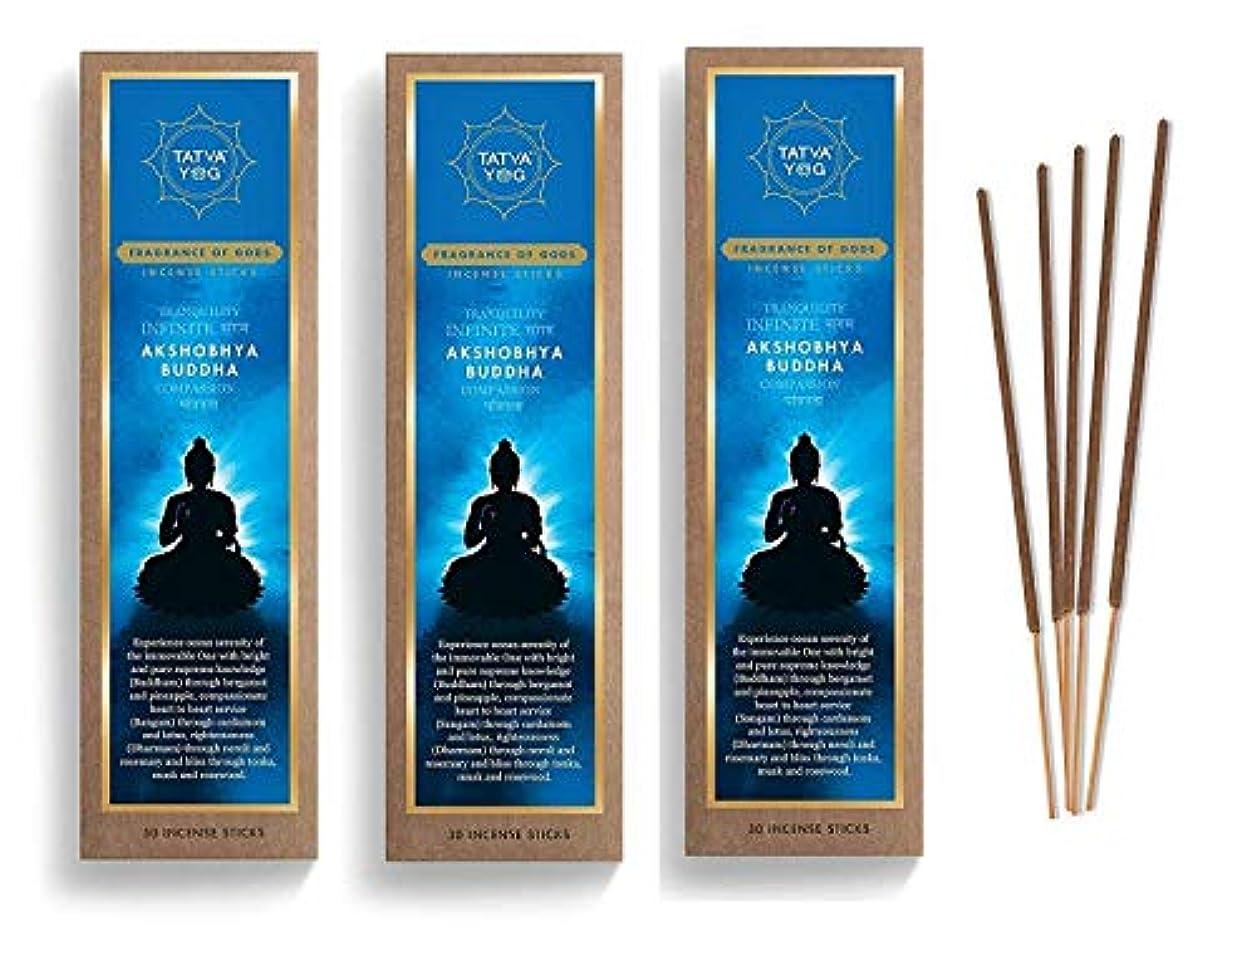 仕えるスペインに付けるAkshobhya Buddha Long Lasting Incense Sticks for Daily Pooja|Festive|Home|Scented Natural Agarbatti for Positive Energy|Good Health & Wealth (Pack of 3 | 30 Sticks Per Pack)